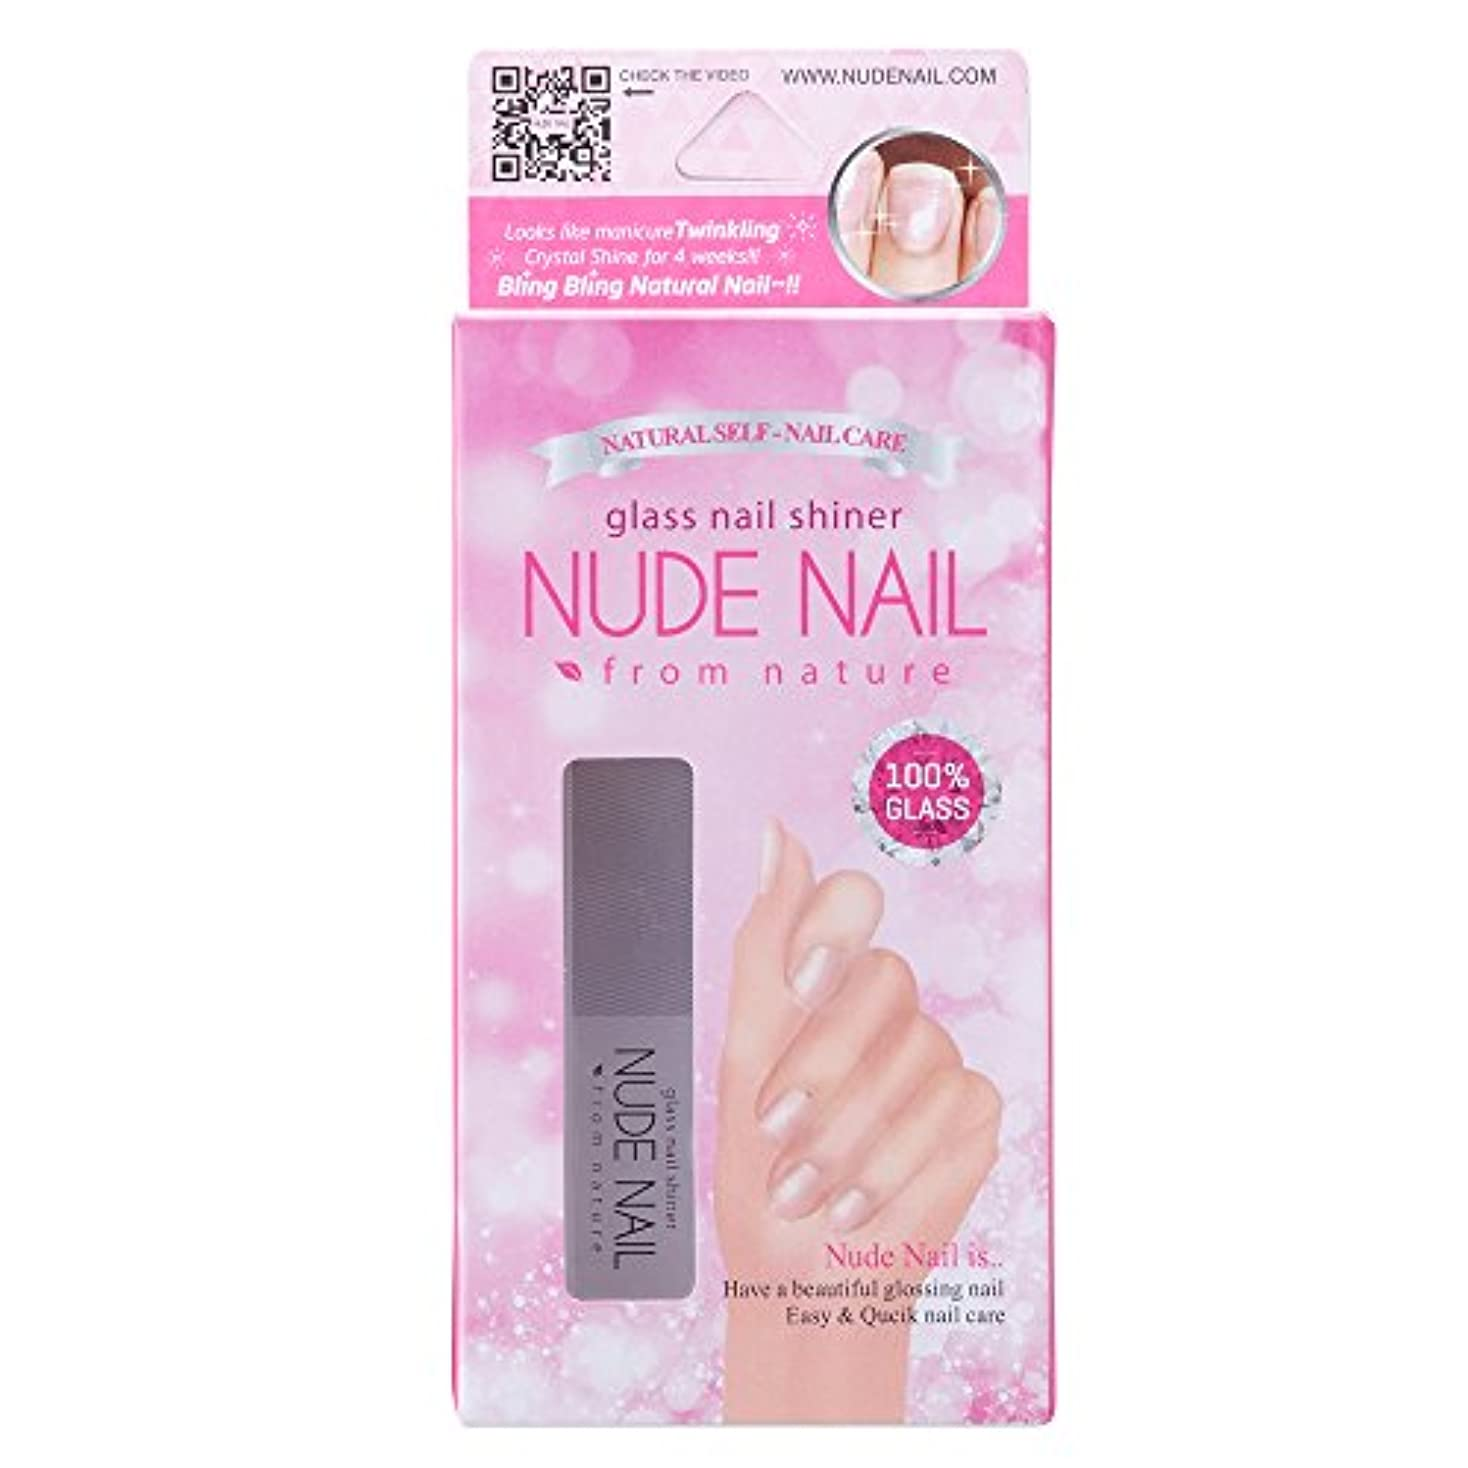 パターンハント意味ヌードネイル グラス ネイル シャイナー ガラス製爪ヤスリ NUDE NAIL glass nail shiner